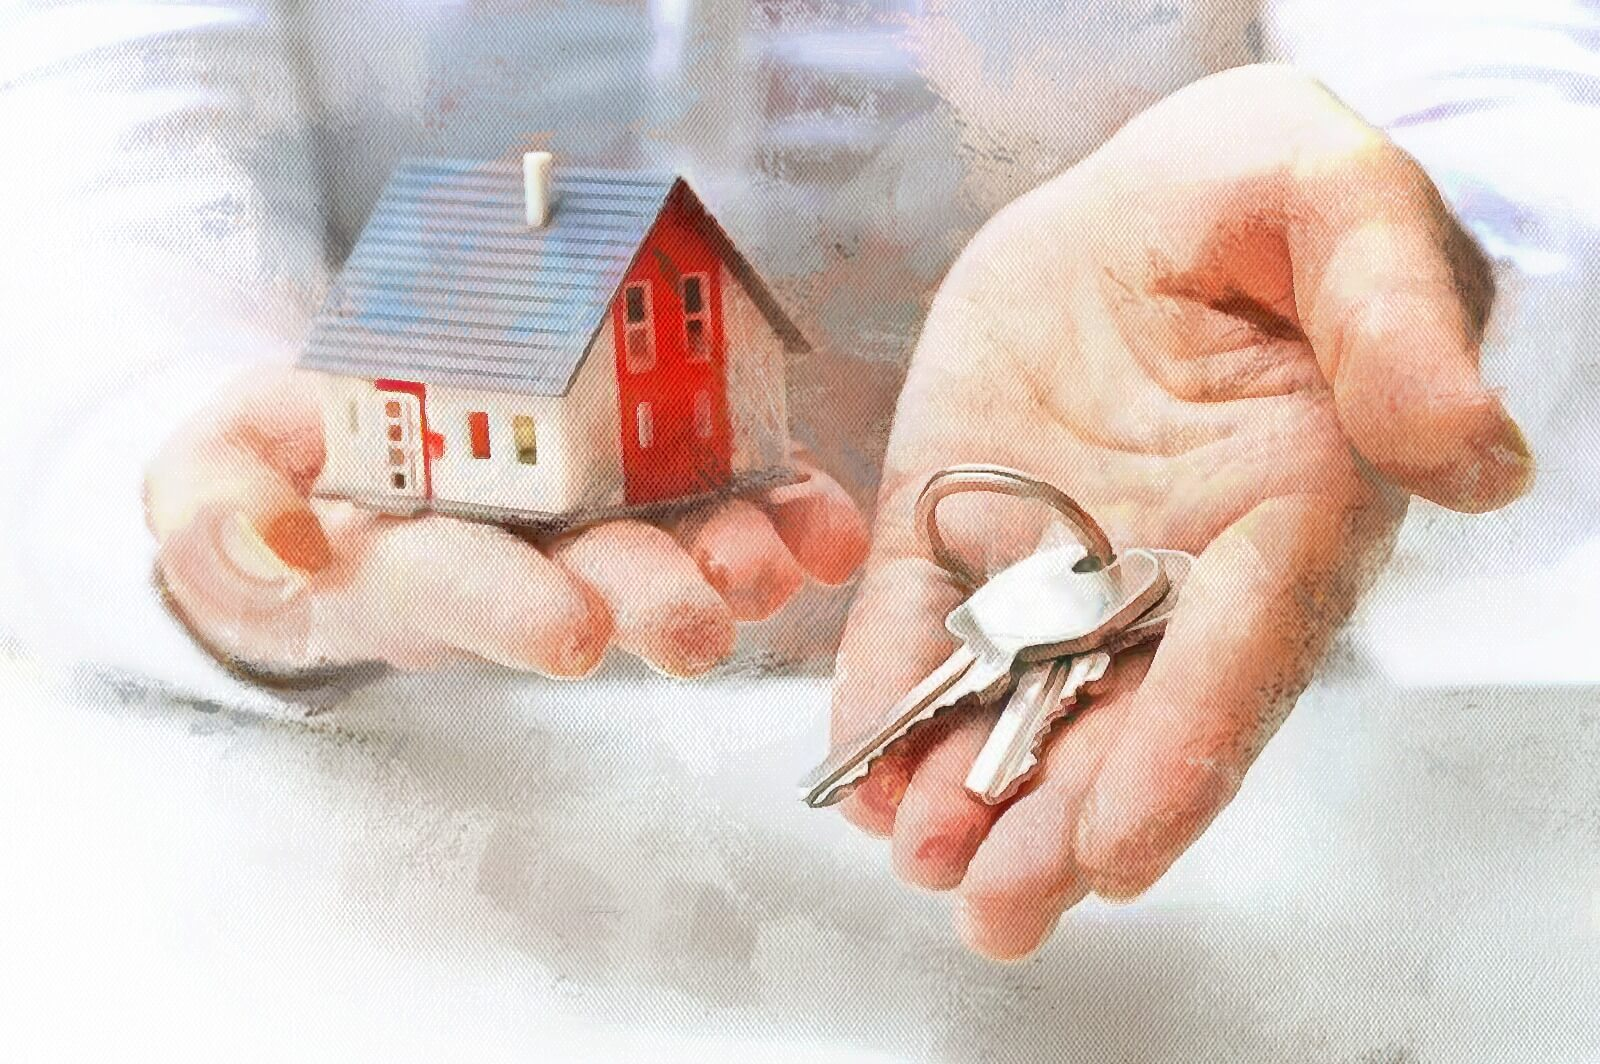 При каких условиях дают ипотеку на квартиру?